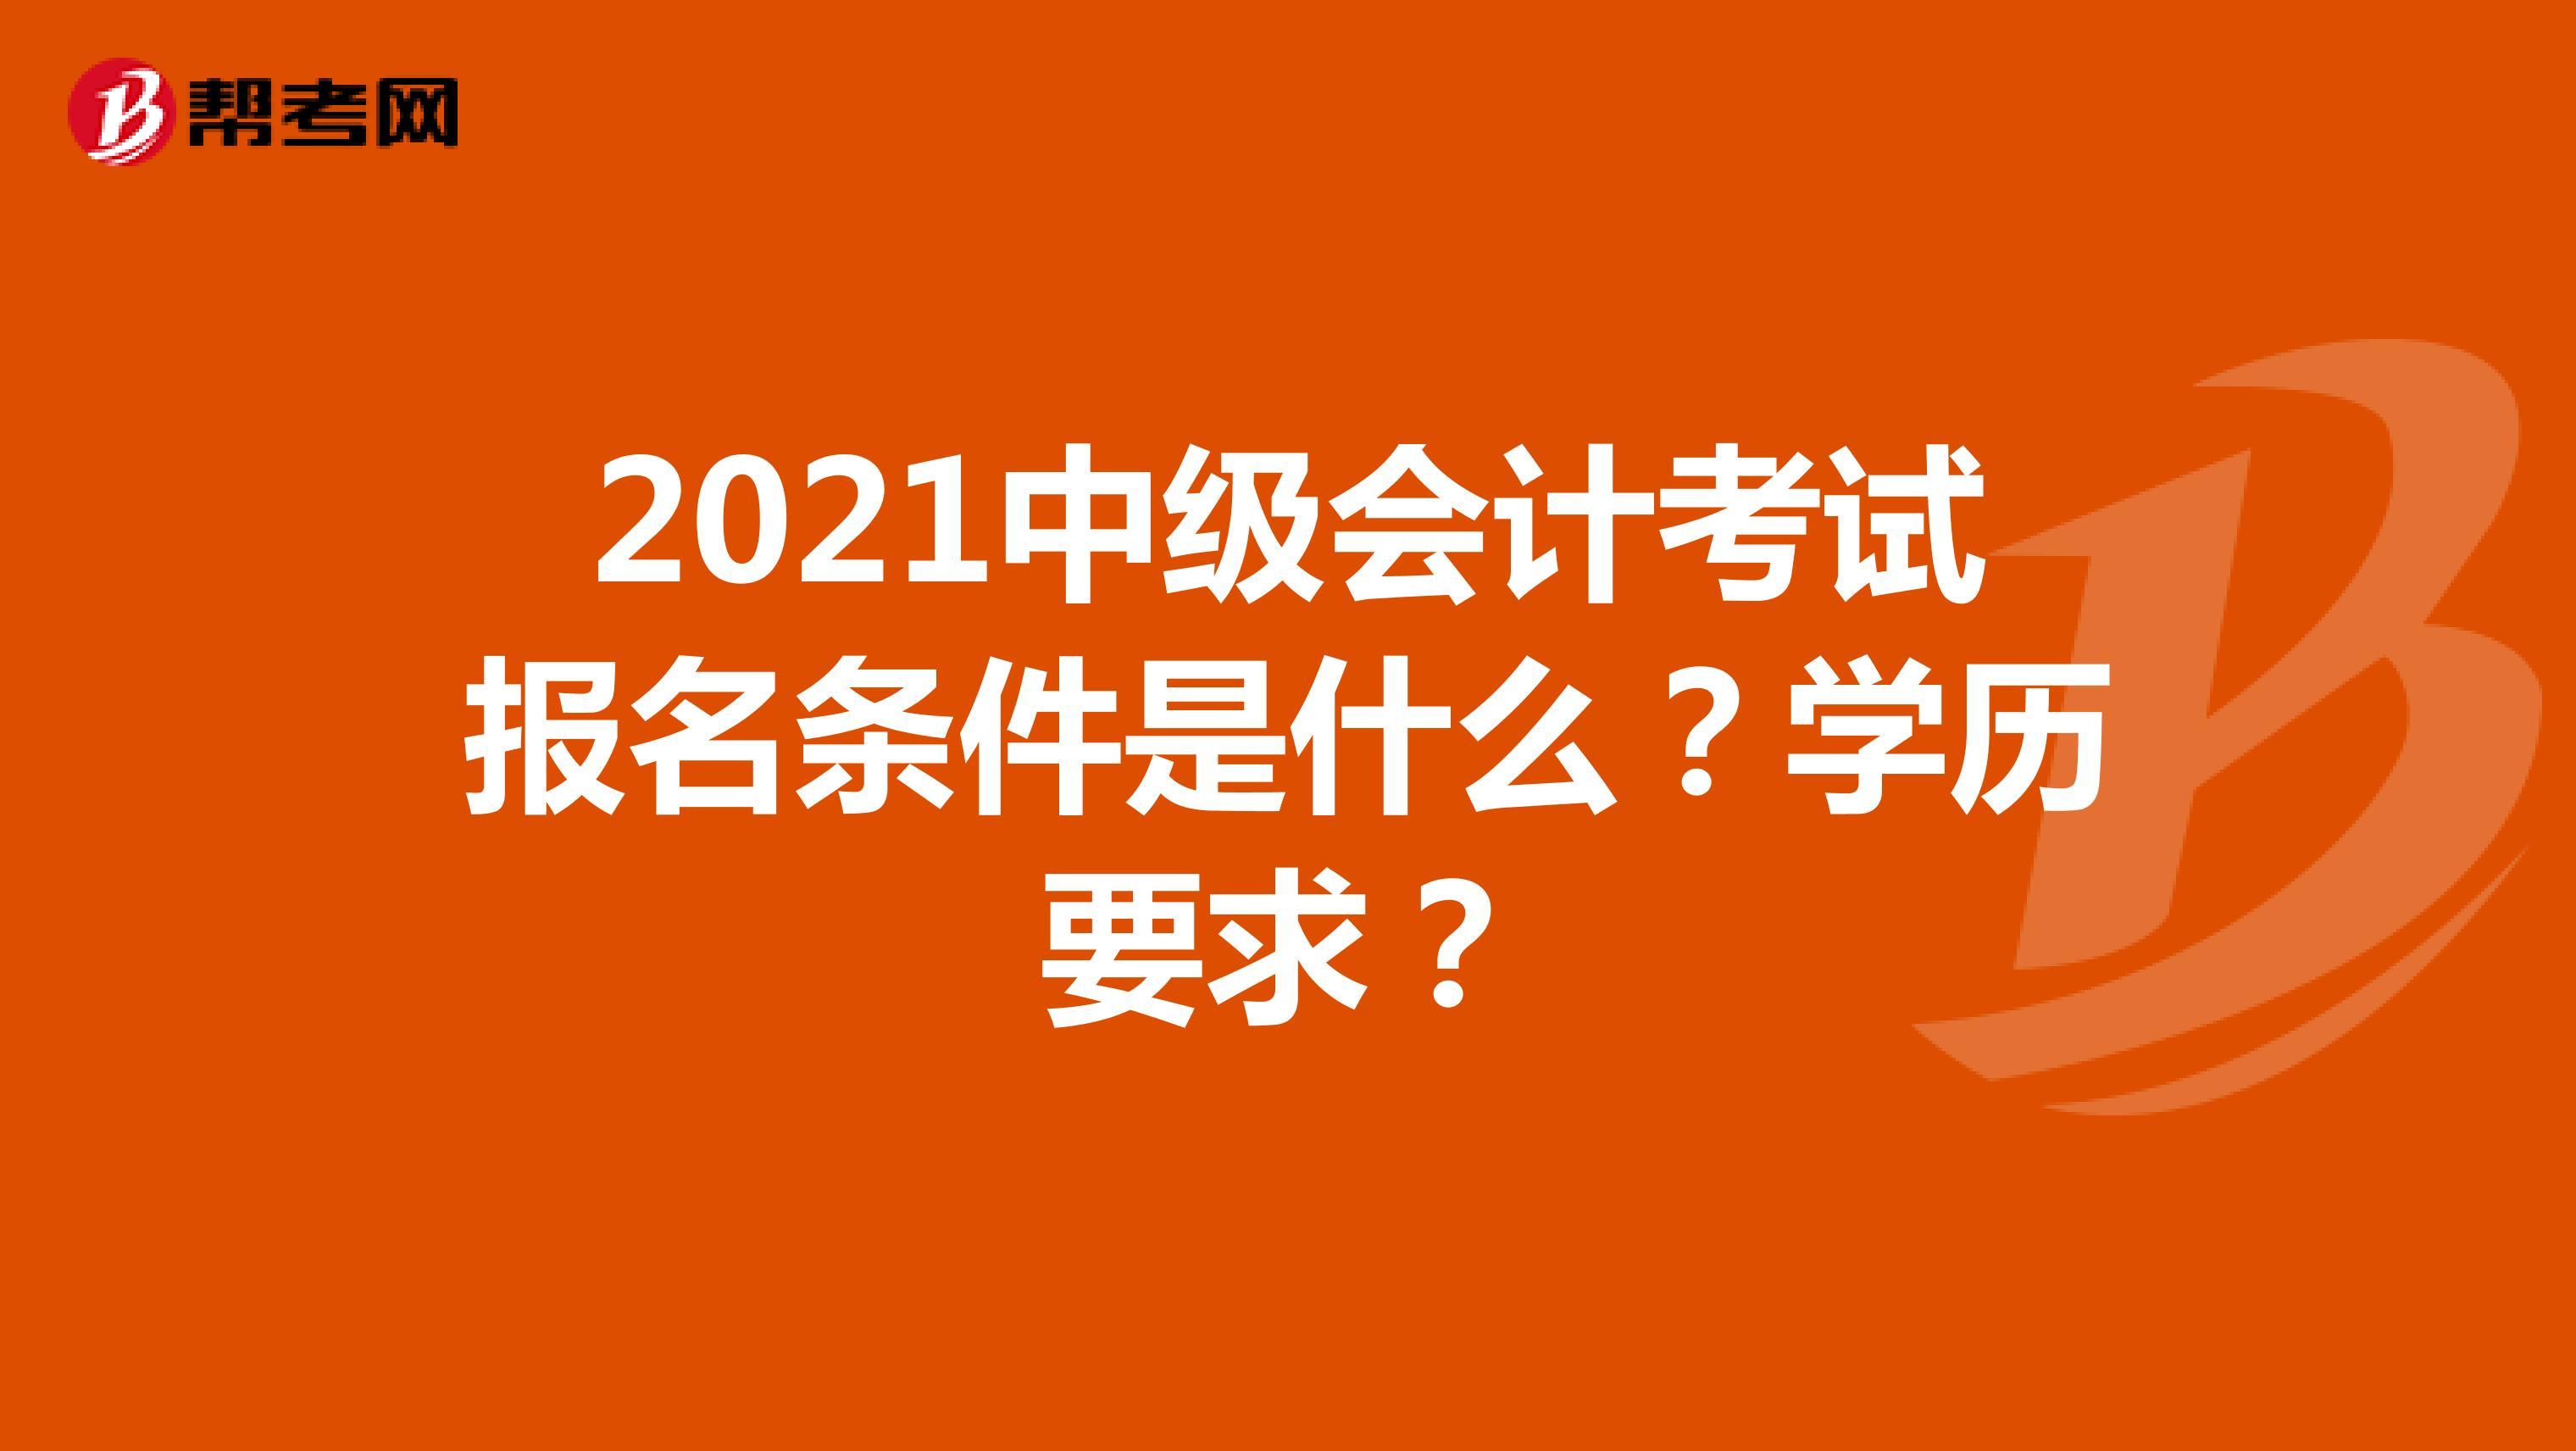 2021中級會計考試報名條件是什么?學歷要求?